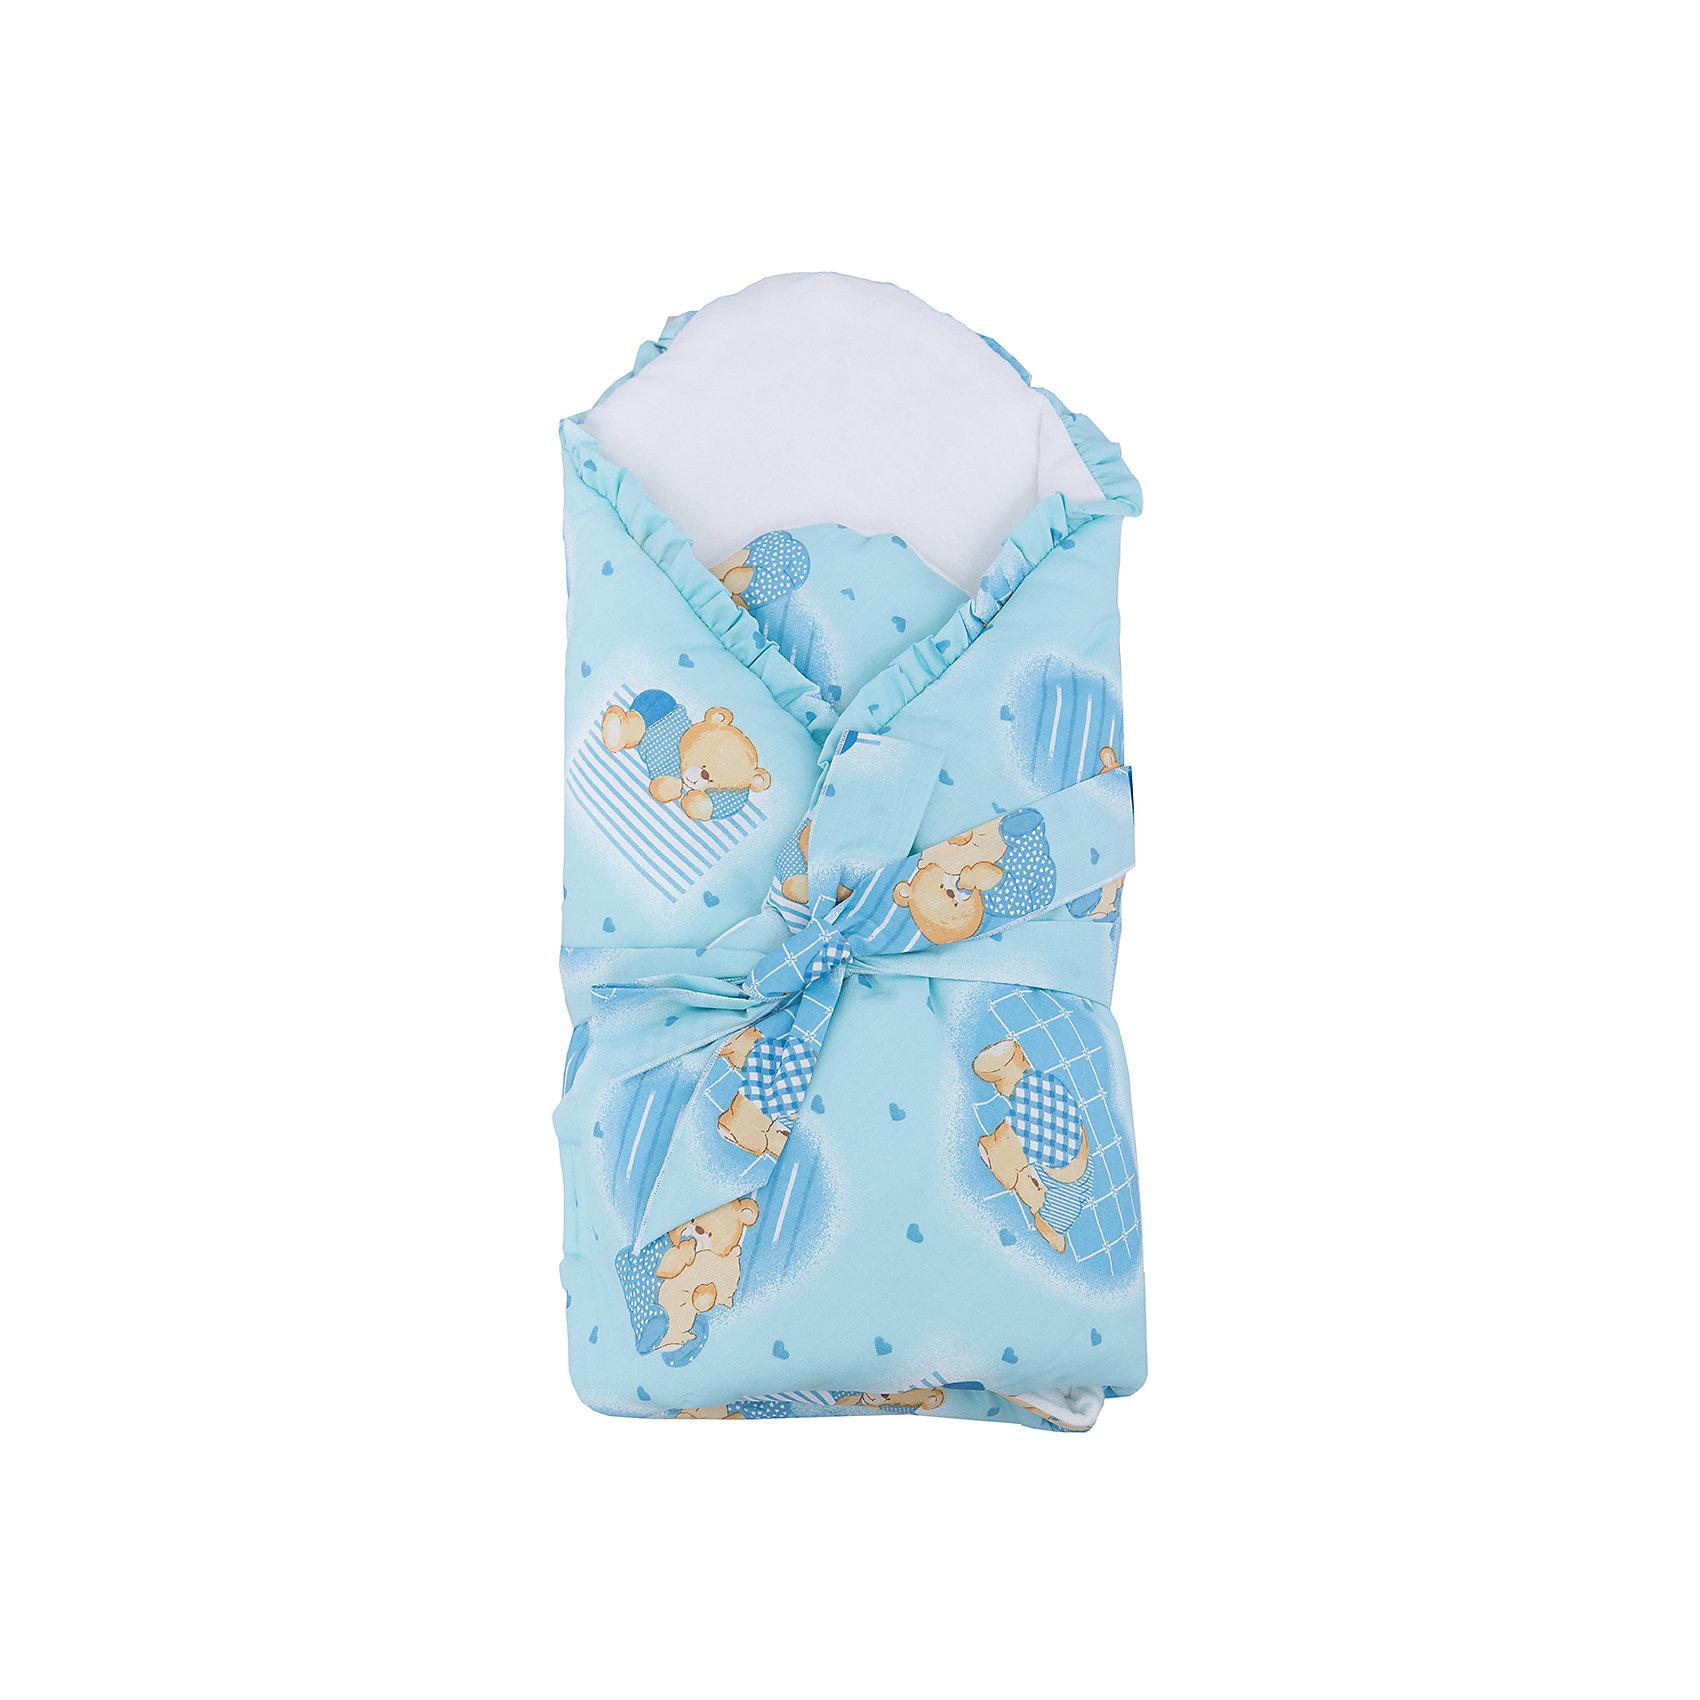 Конверт-одеяло в коляску, Бимоша, голубойКонверт-одеяло в коляску, Бимоша, прекрасно подойдет как на выписку малыша, так и для прогулок в коляске в прохладную погоду. Конверт выполнен из высококачественных материалов, нежная мягкая ткань не раздражает чувствительную и нежную кожу малыша, хорошо пропускает воздух и сохраняет тепло. Съёмный поролоновый вкладыш надежно поддерживает спинку ребенка в комфортном положении. Верх конверта изготовлен из приятной хлопковой ткани, подкладка из мягкой фланели, наполнитель - синтепон. Конверт имеет нарядный привлекательный дизайн в нежных голубых тонах и украшен принтом с забавными мишками и рюшами по краям. Надежно закрепляется застежкой на липучке и завязкой на бант. Конверт полностью раскладывается и его можно использовать как мягкое и уютное детское одеяло, вынув вкладыш.<br><br>Дополнительная информация:<br><br>- Цвет: голубой.<br>- Сезон: весна-осень.<br>- Материал: верх конверта - 65% хлопок 35% полиэстер, подкладка - фланель (100% хлопок), утеплитель - синтепон 200г/м?. <br>- Размер: 80 х 80 см.<br>- Вес: 0,5 кг.<br><br>Конверт-одеяло в коляску, Бимоша, голубой, можно купить в нашем интернет-магазине.<br><br>Ширина мм: 800<br>Глубина мм: 800<br>Высота мм: 50<br>Вес г: 500<br>Возраст от месяцев: 0<br>Возраст до месяцев: 24<br>Пол: Мужской<br>Возраст: Детский<br>SKU: 4645565